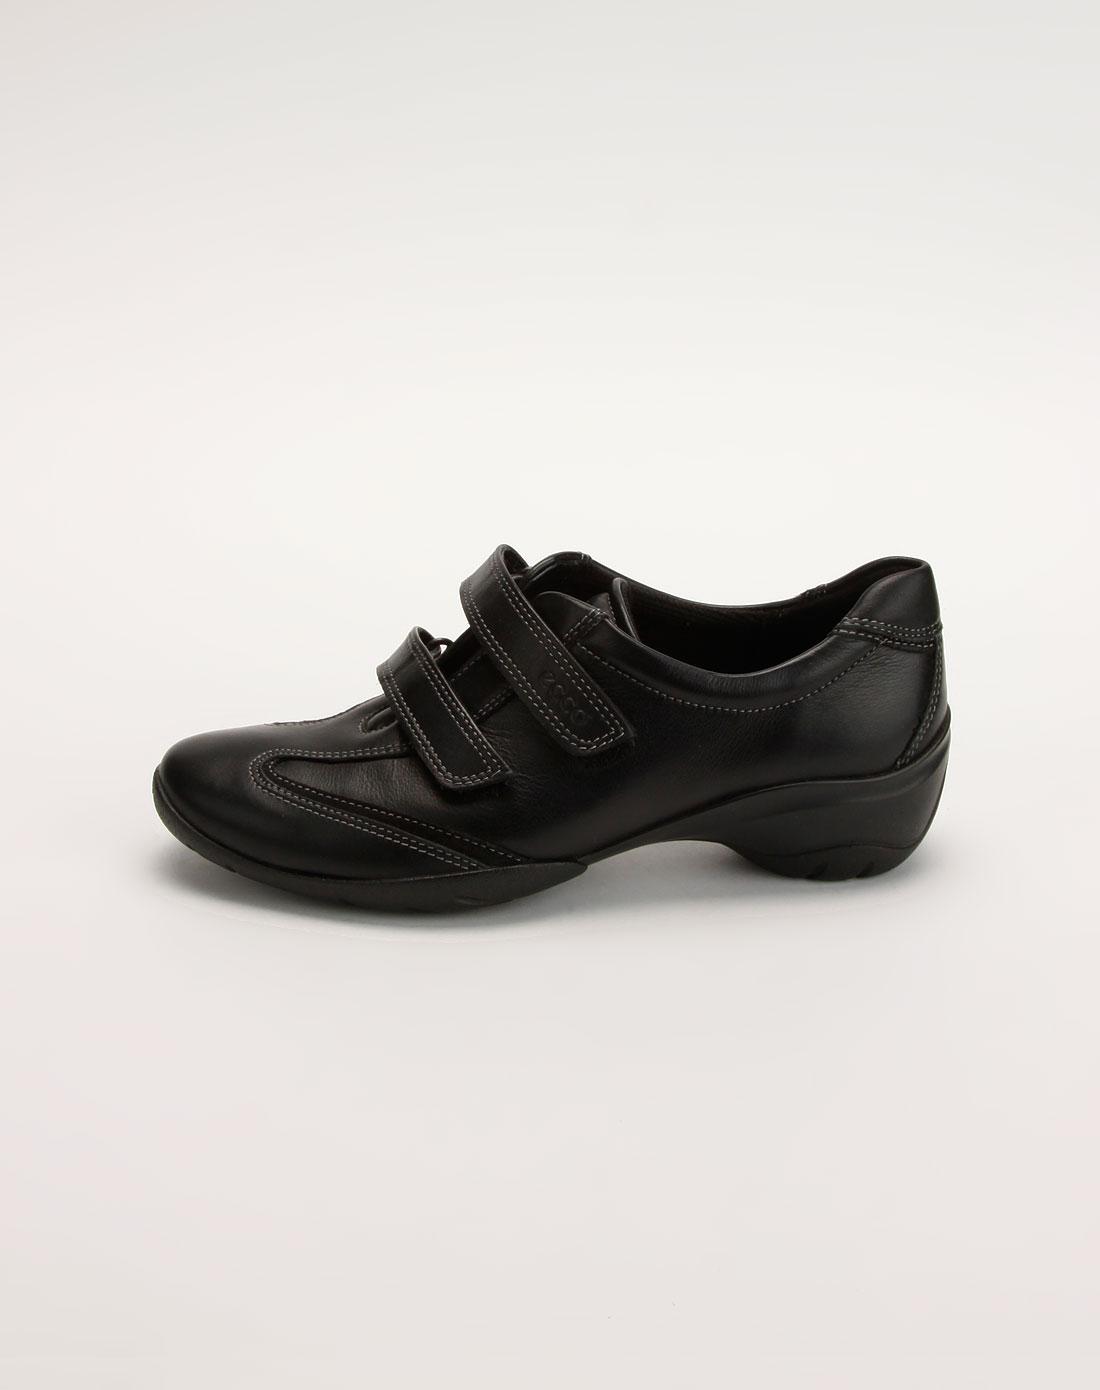 爱步ecco女款黑色魔术贴休闲鞋